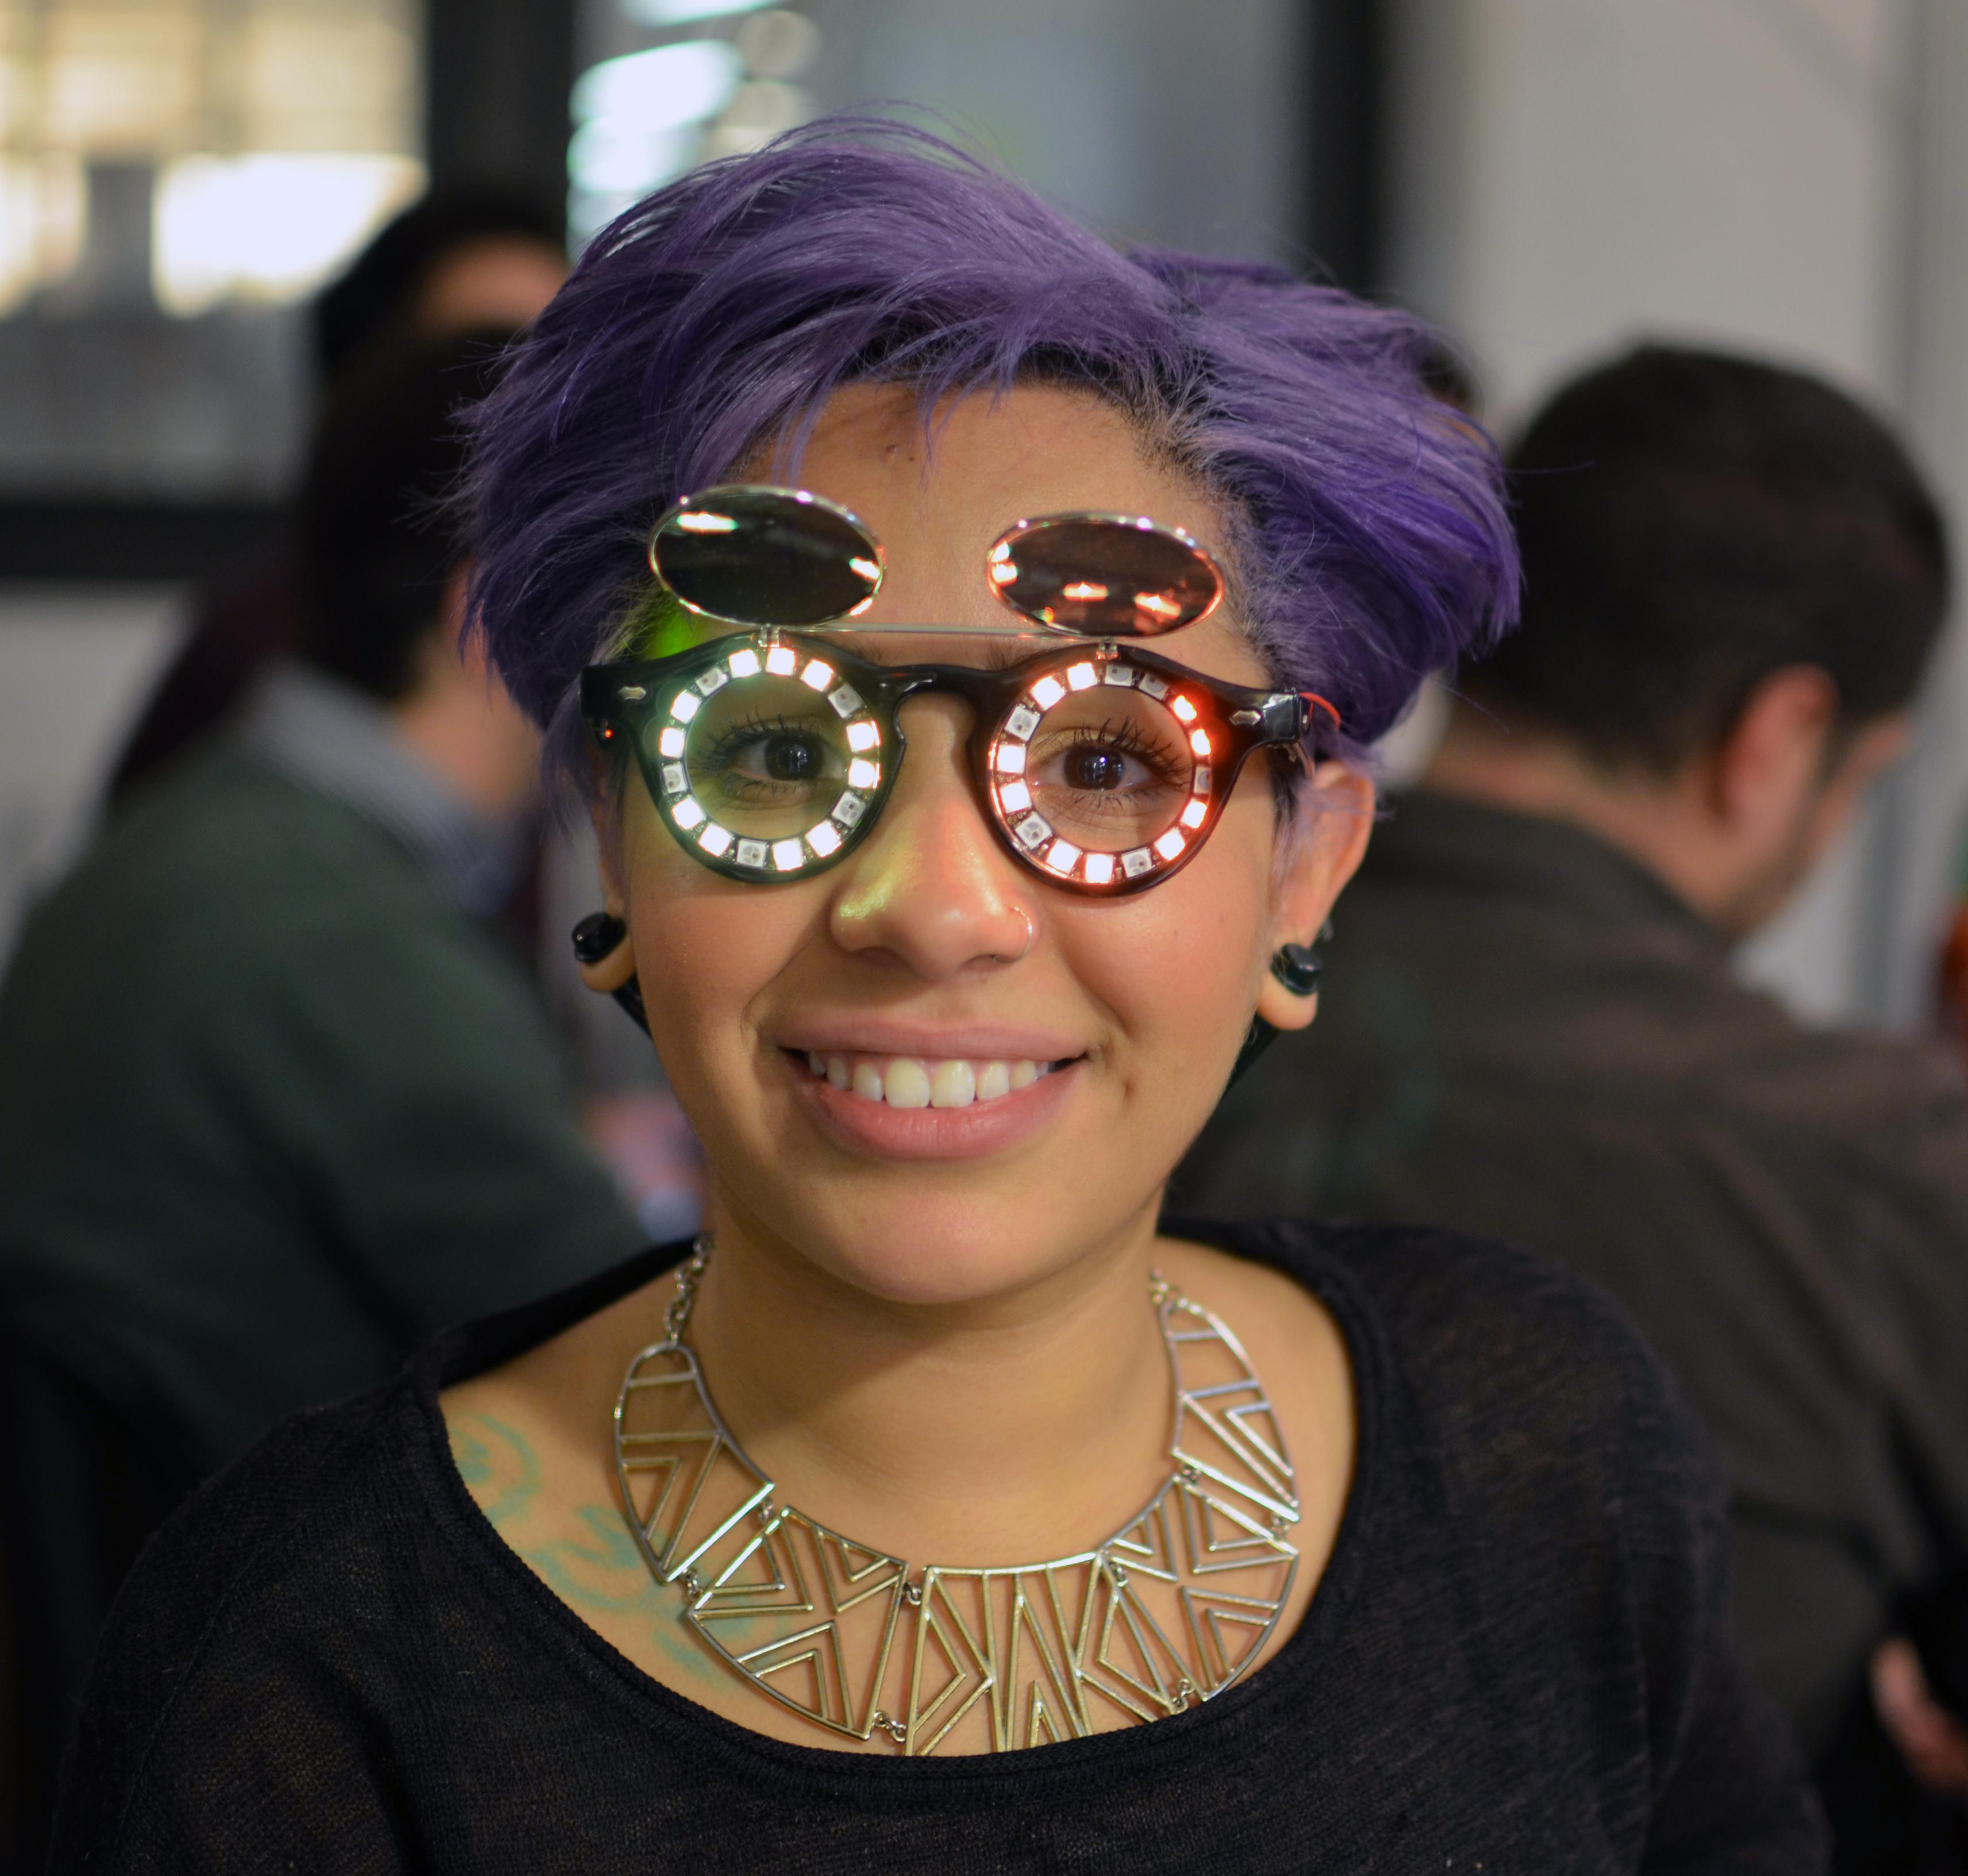 trinket_neopixel-nye-glasses-angel-wearing-open.jpg